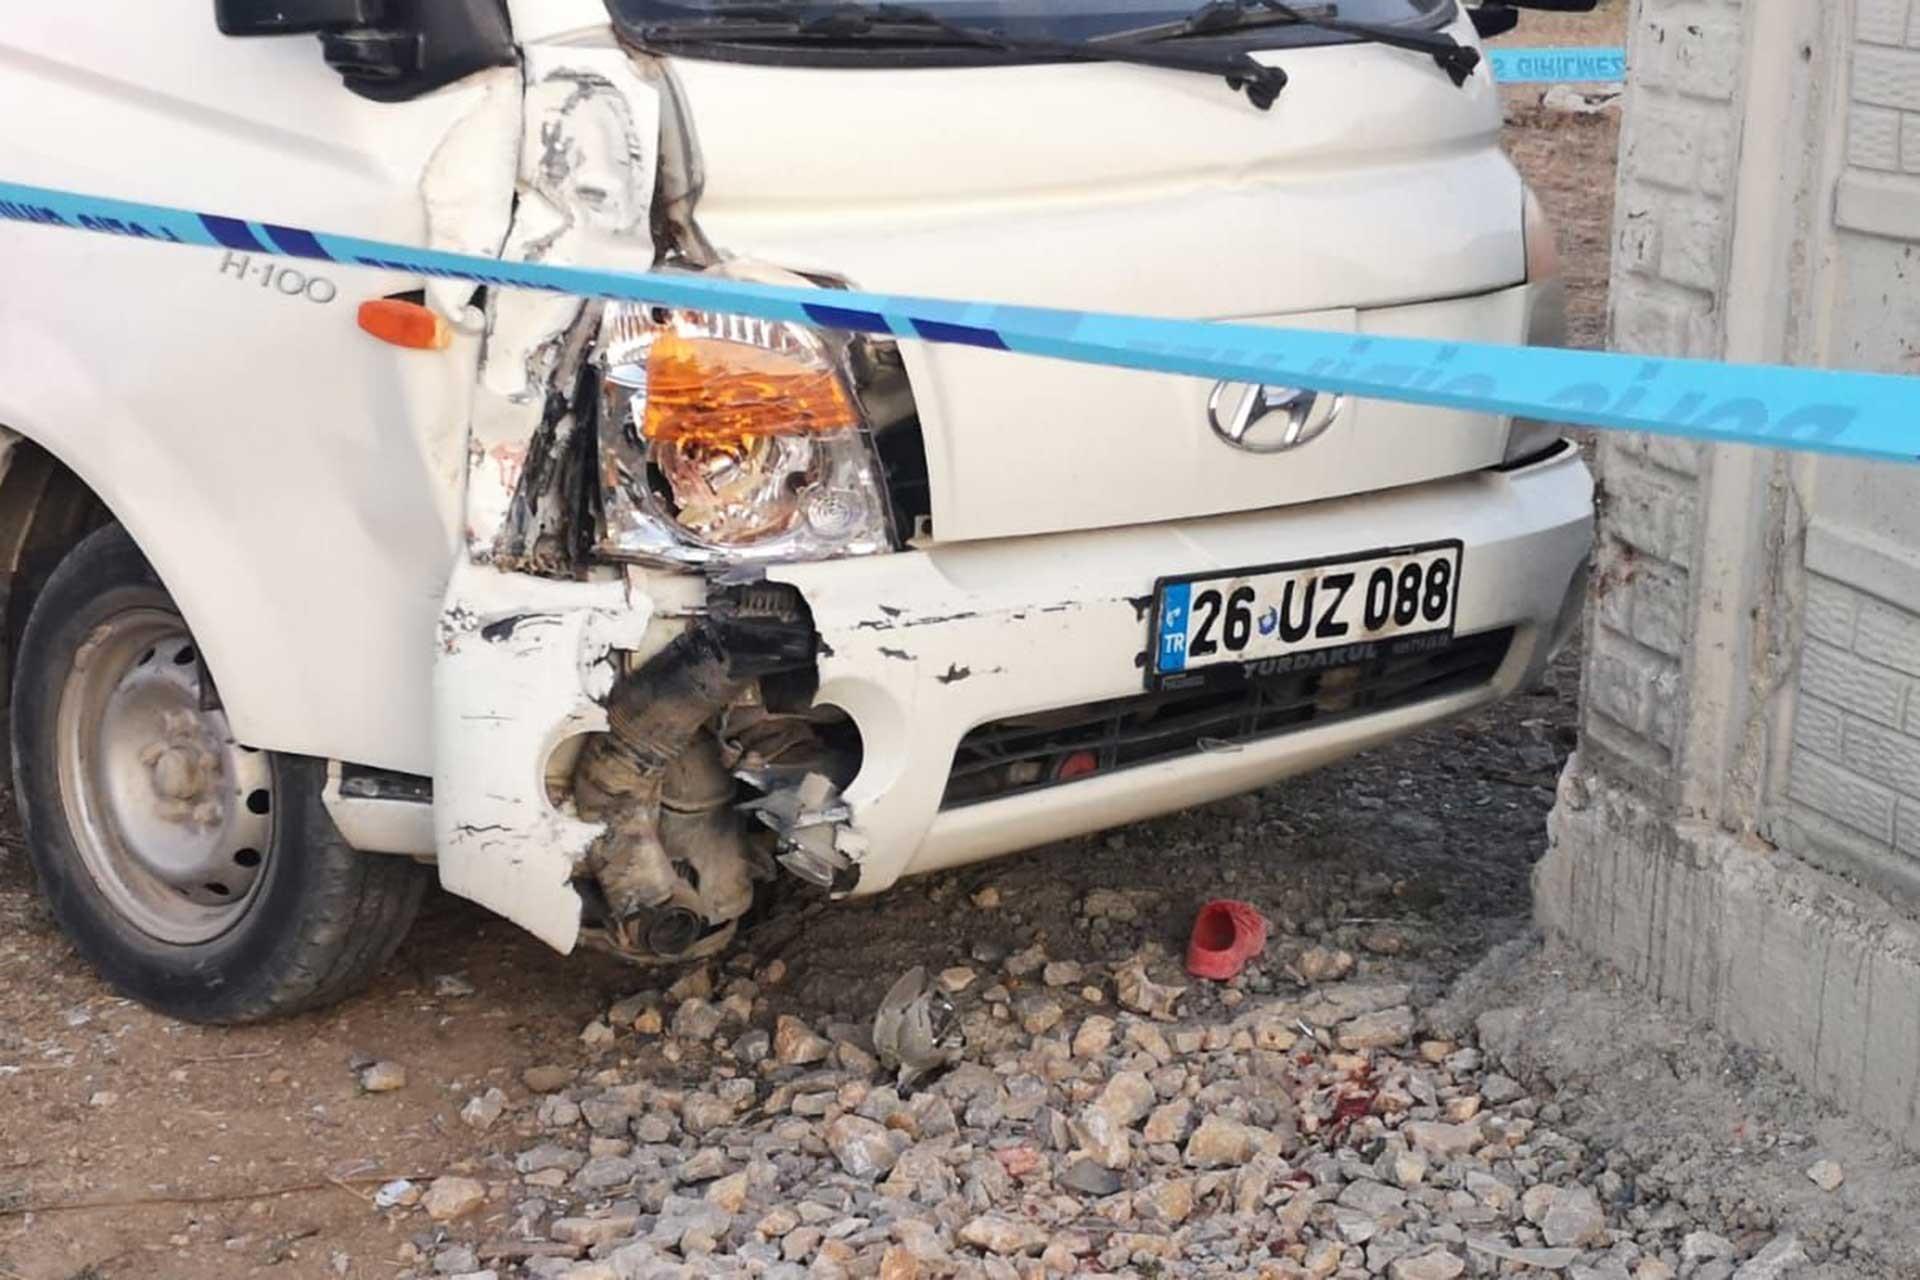 Kamyonet, sokakta oynayan çocukların arasına daldı: 1 ölü, 1 yaralı